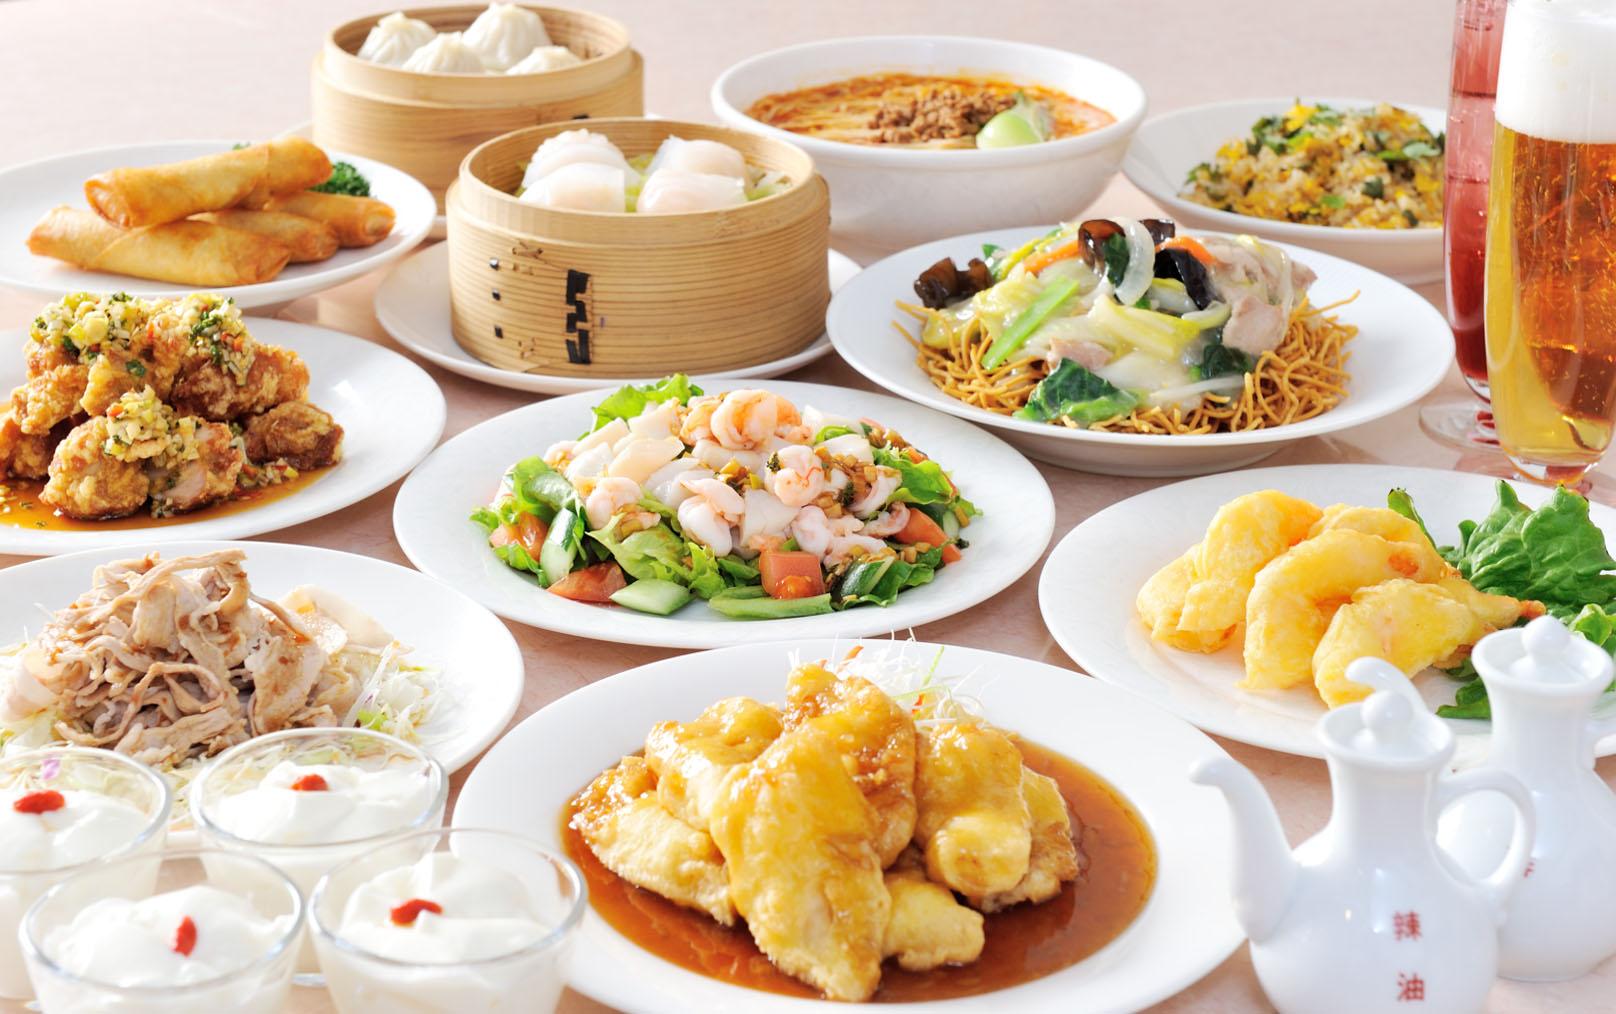 横浜で中華料理を心ゆくまで堪能したい!中華街のランチビュッフェのお店4選 アイキャッチ画像